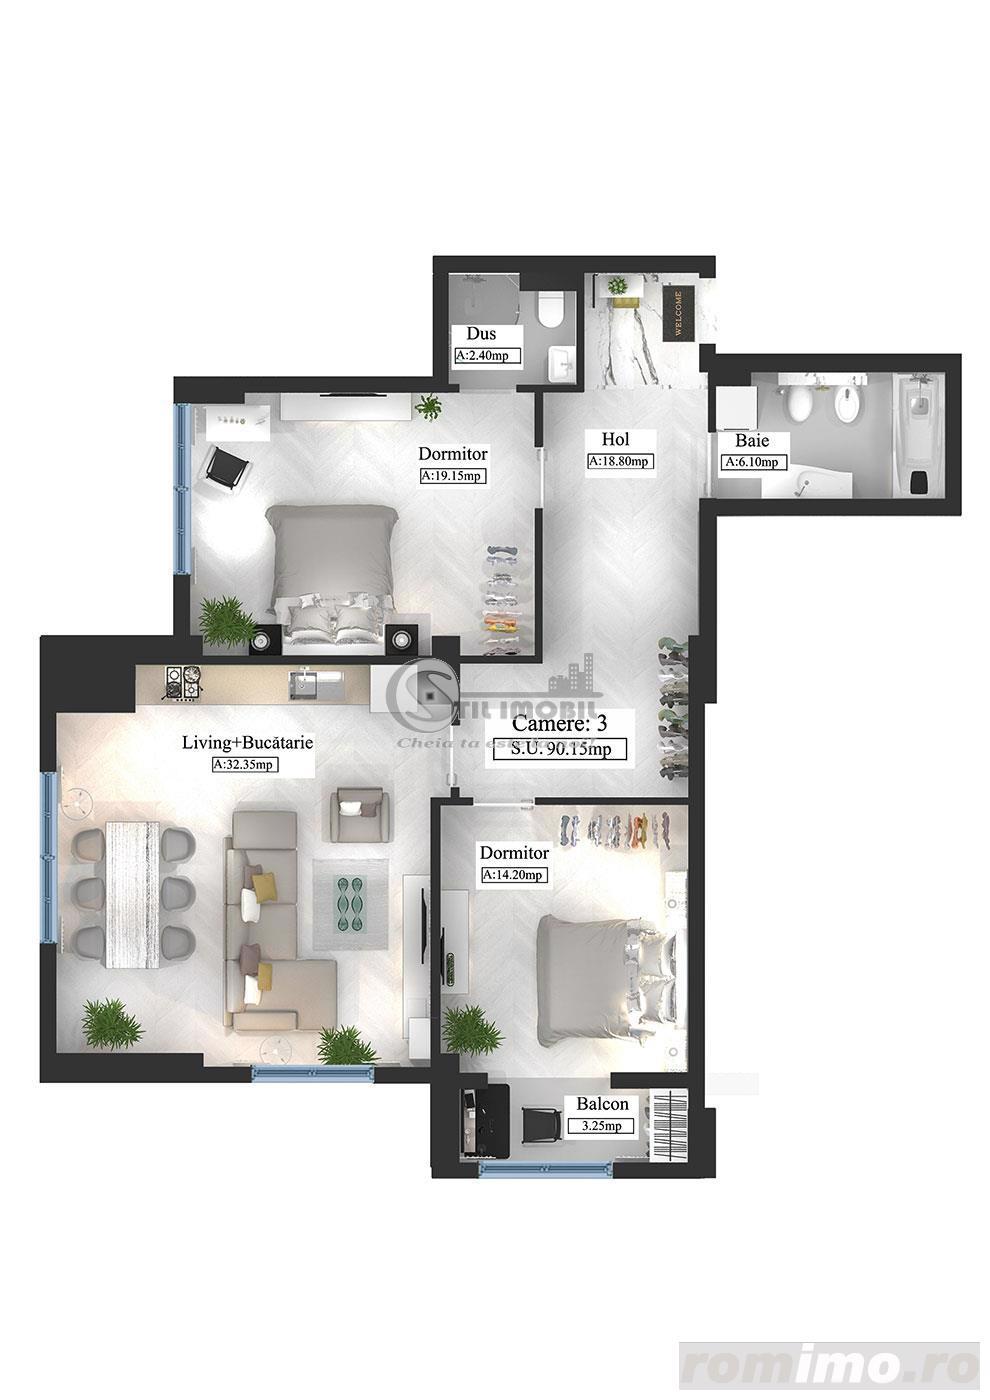 Apartament tip Premium, 3 camere, 90.15mp